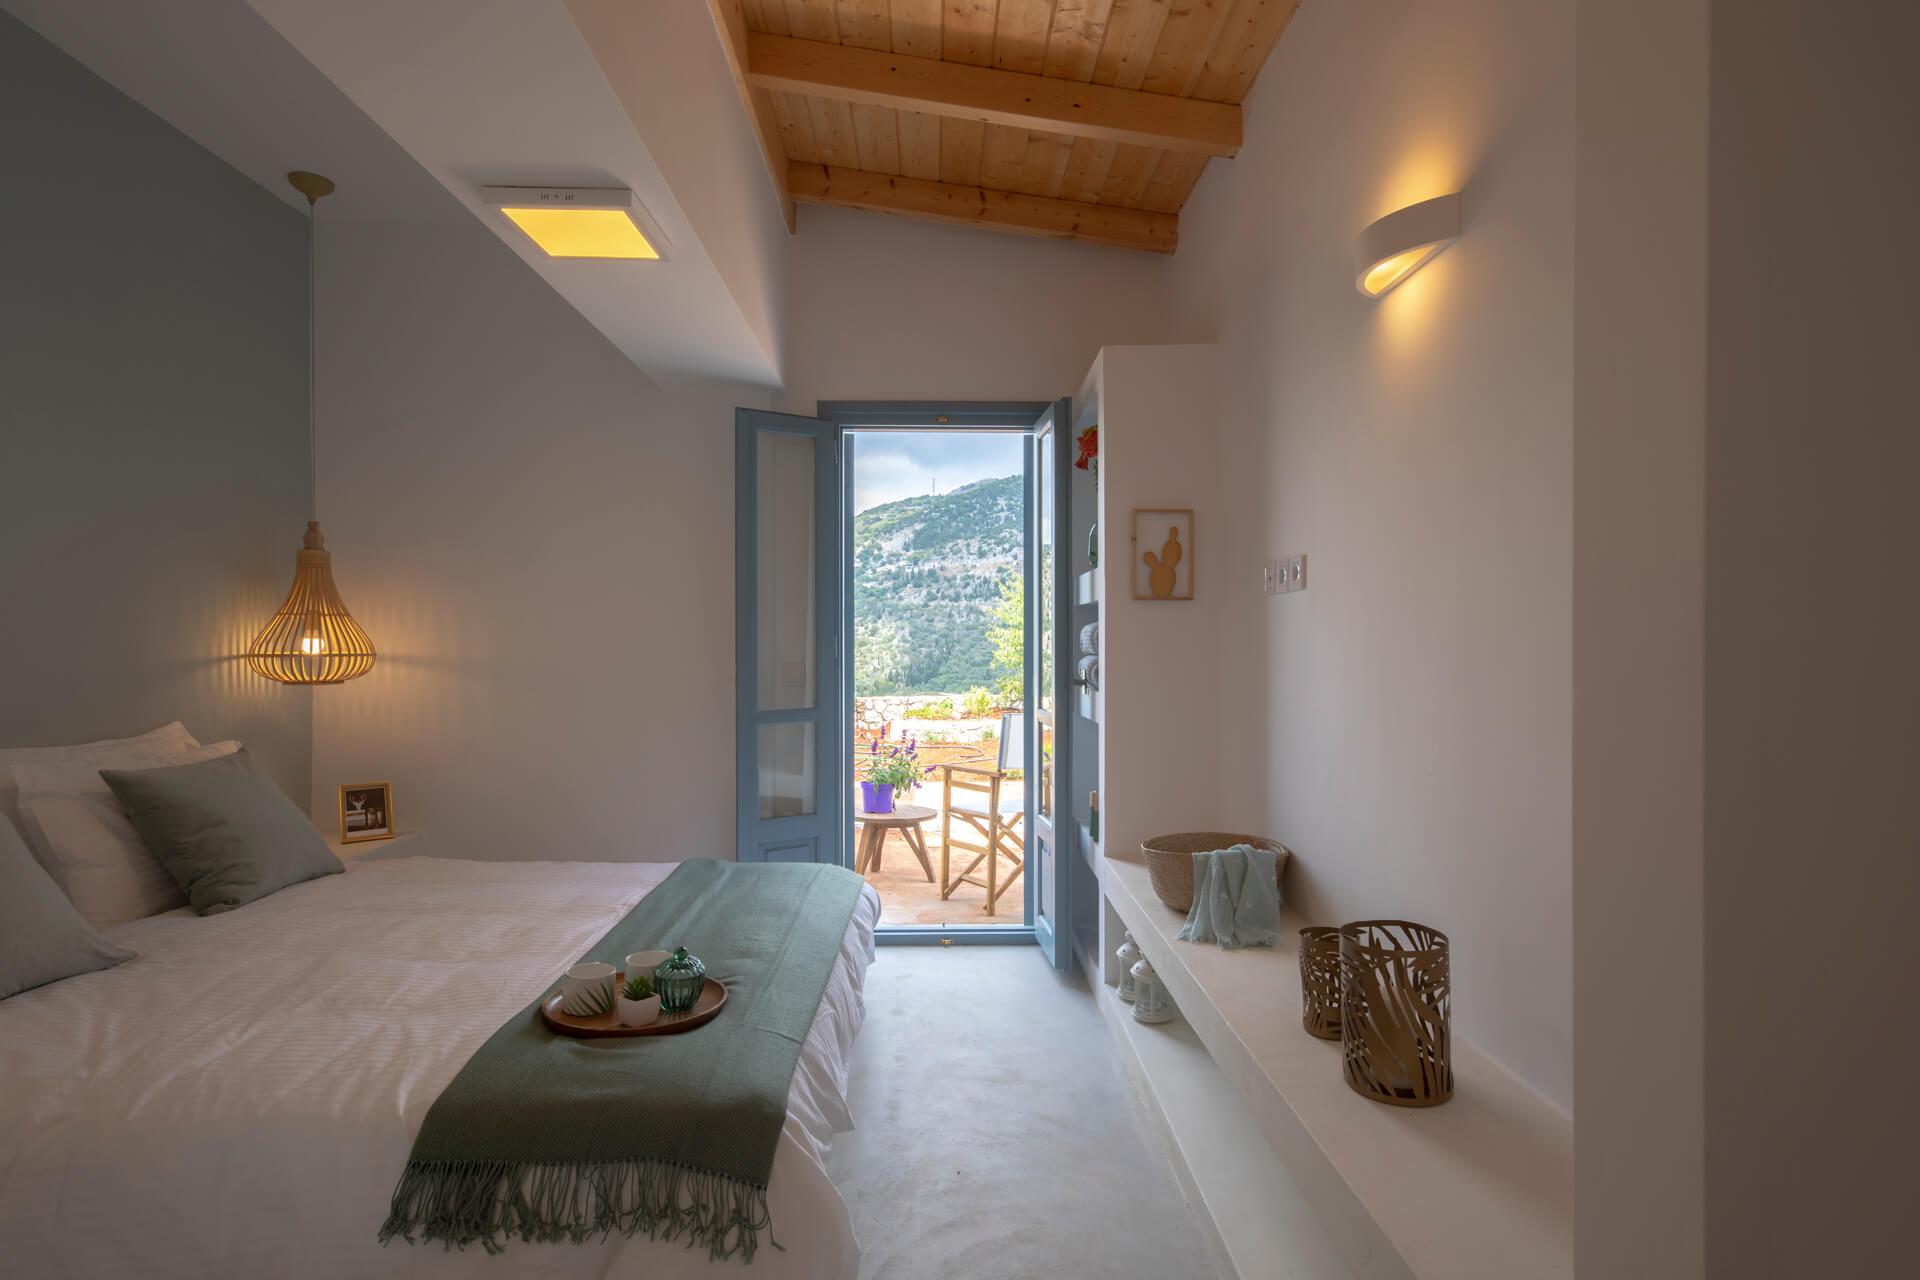 תקרת עץ בחדר שינה בית נופש יוון סיגל סיו